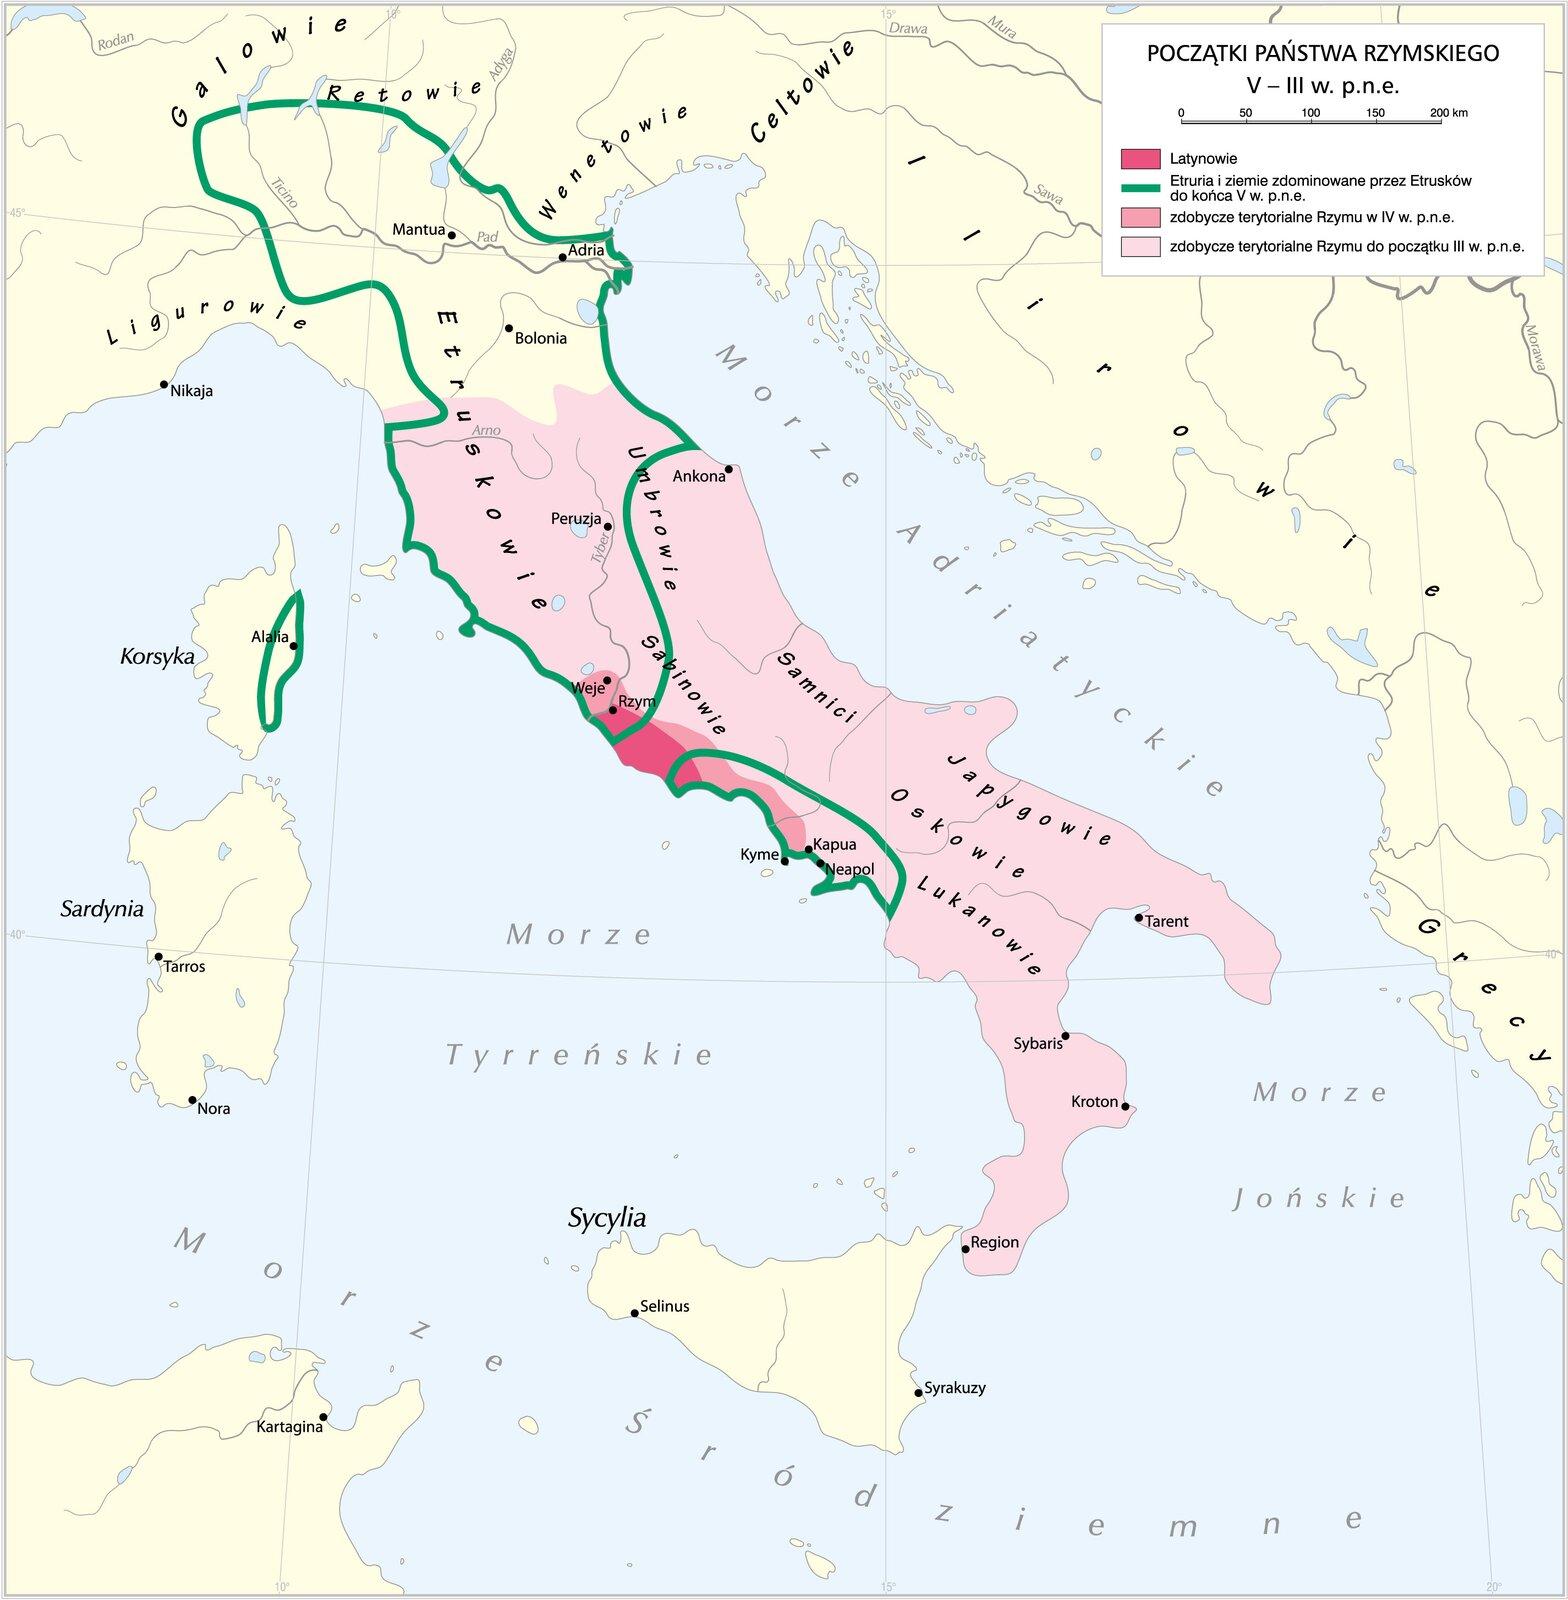 Początki państwa rzymskiego Początki państwa rzymskiego Źródło: Krystian Chariza izespół, licencja: CC BY 3.0.